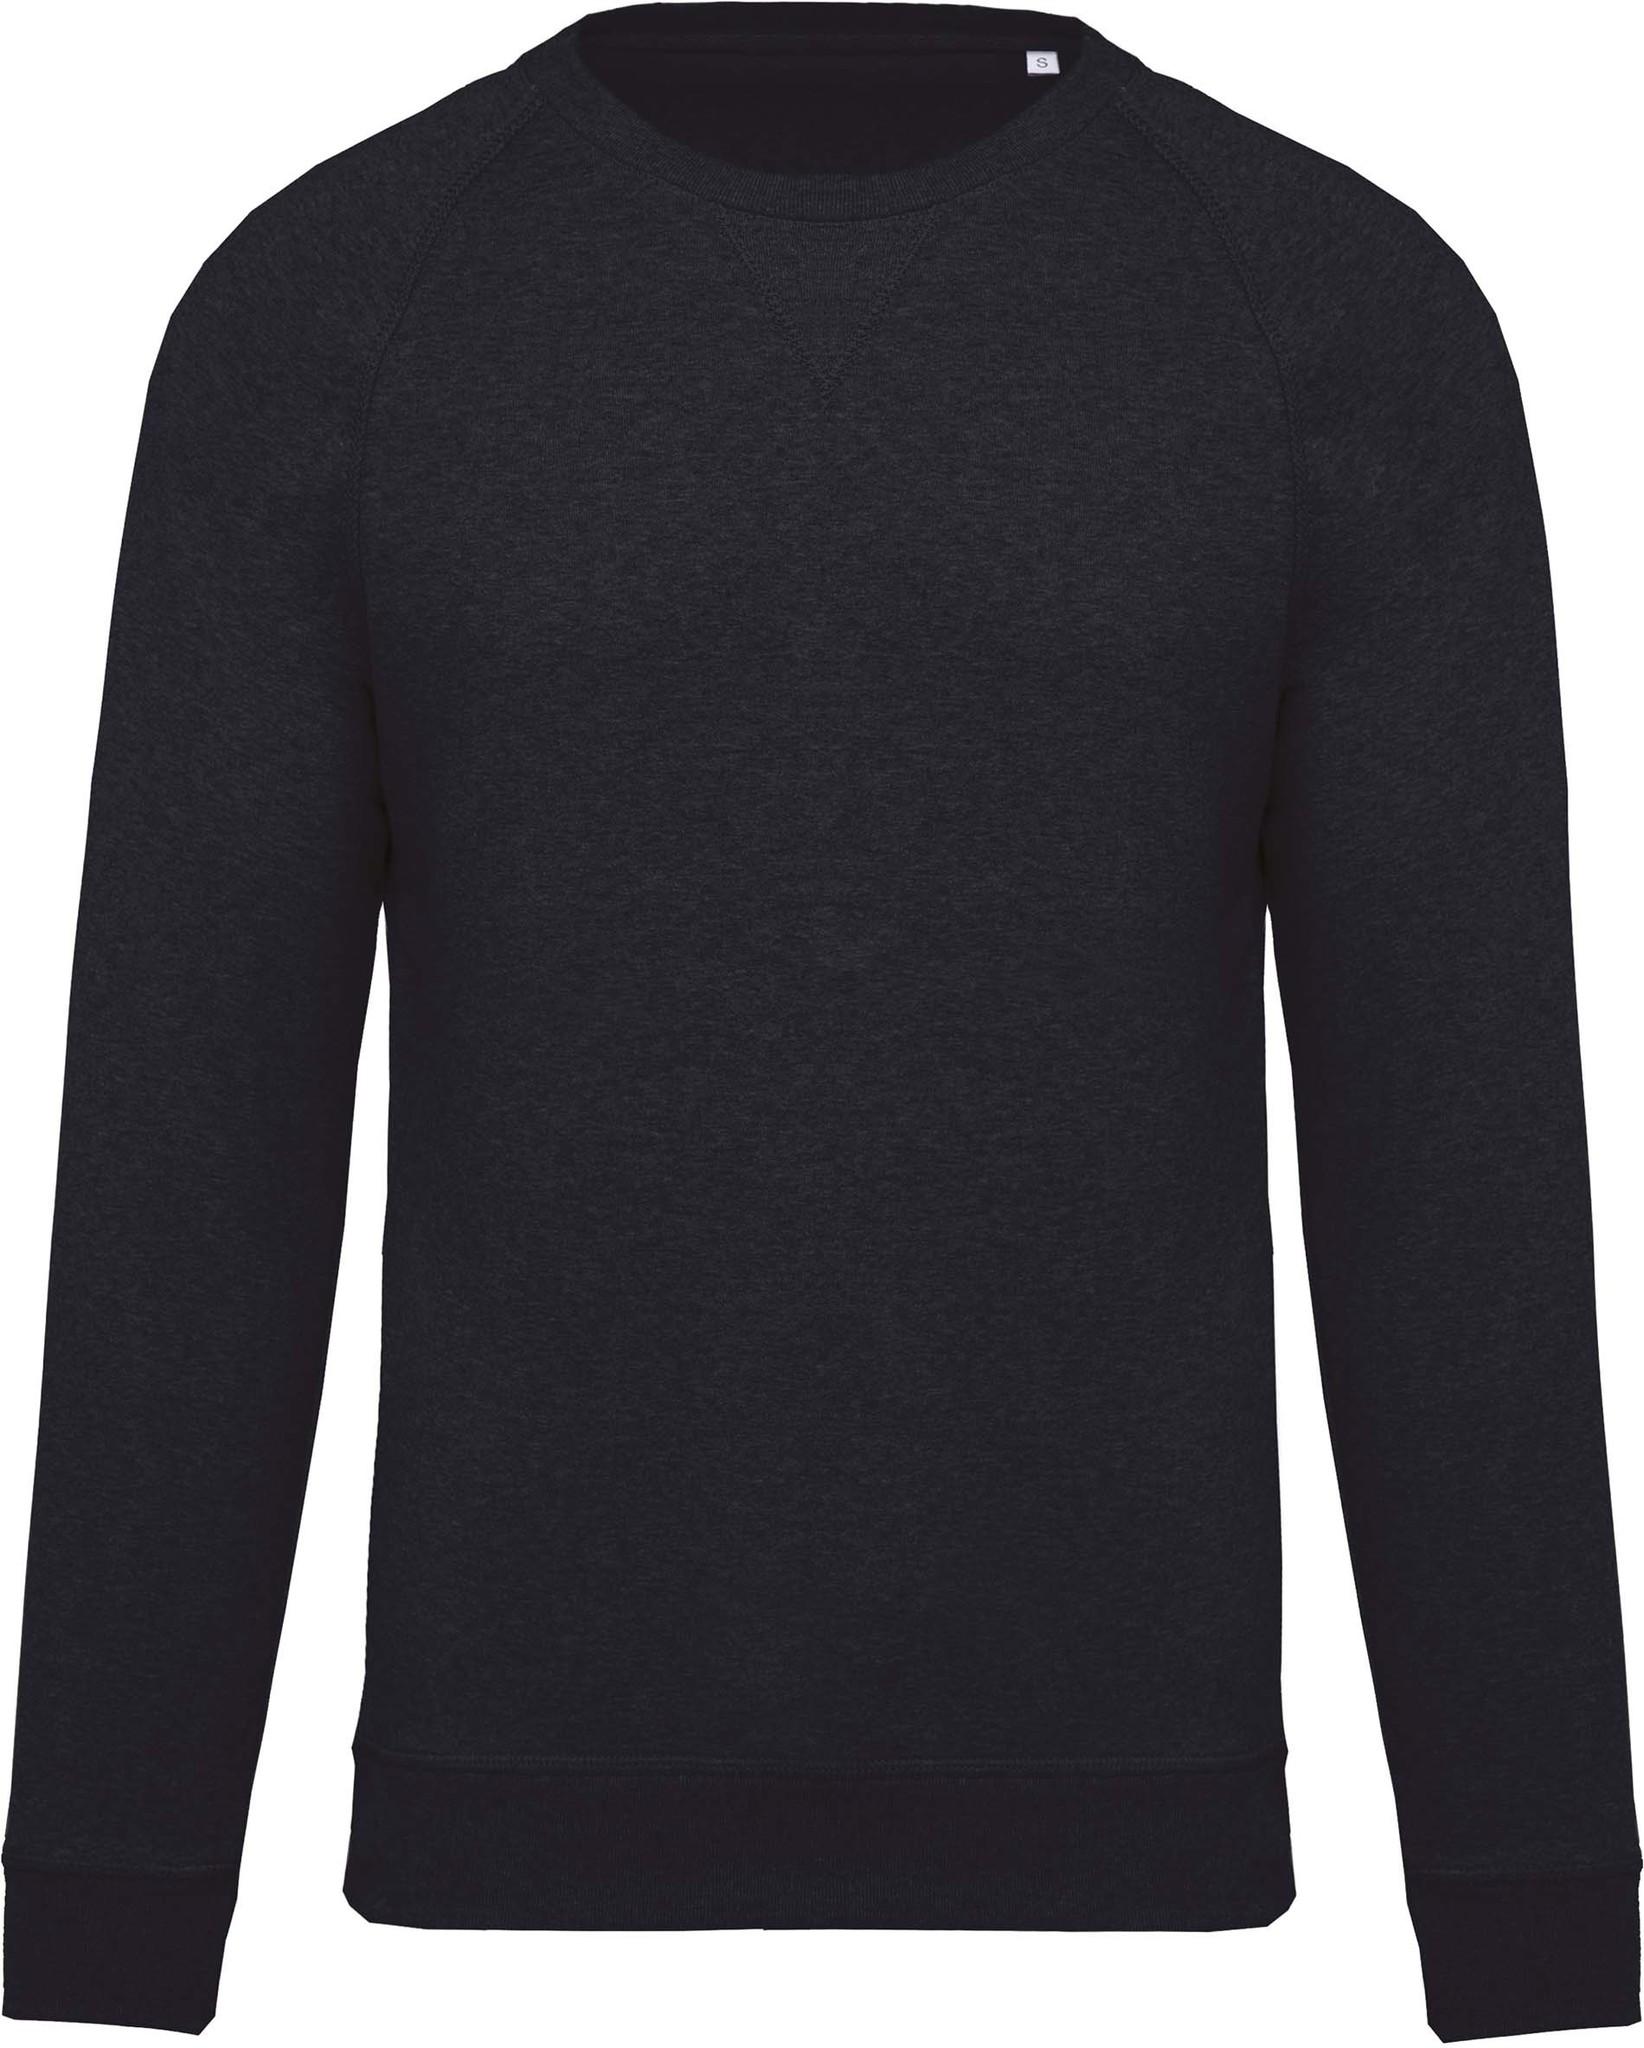 Kariban Kariban - Crewneck Bio Sweater - Enfants